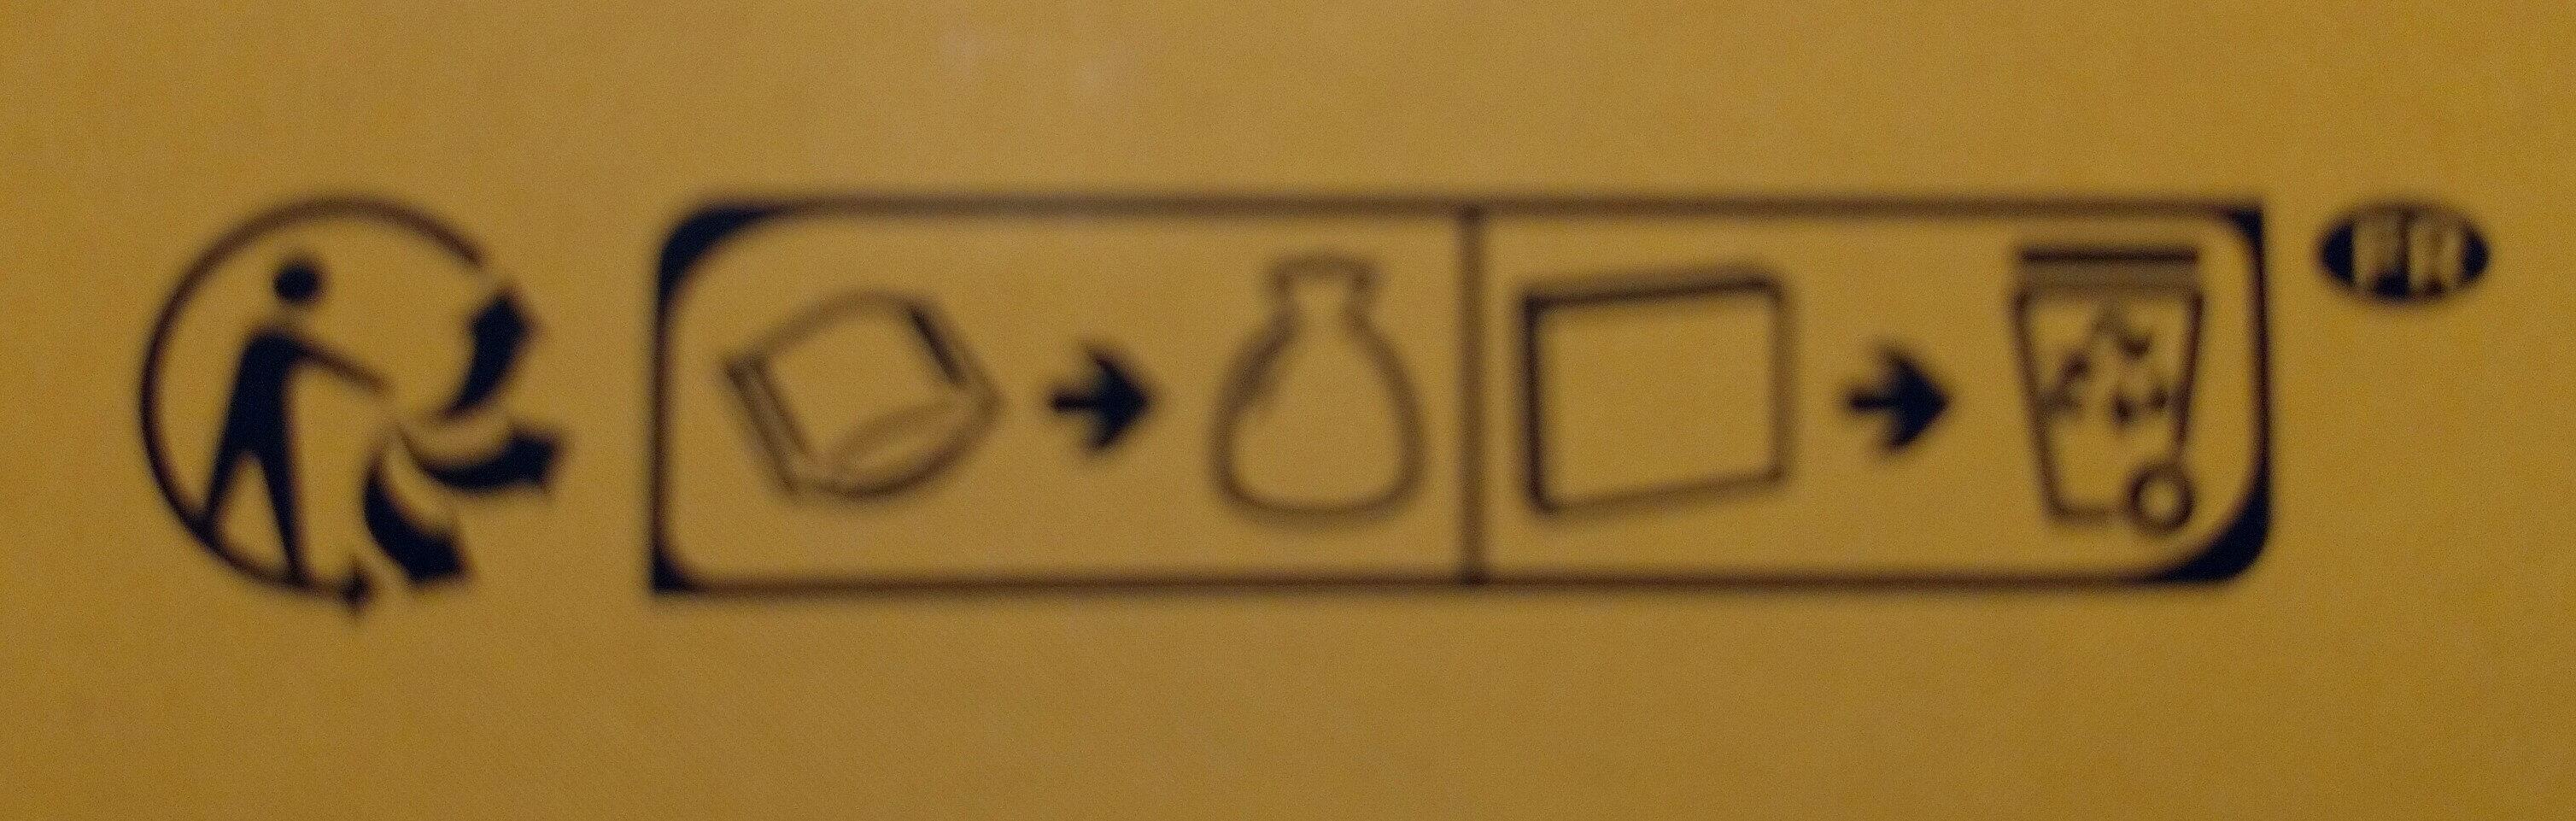 Biscottes 6 Céréales - Instruction de recyclage et/ou information d'emballage - fr